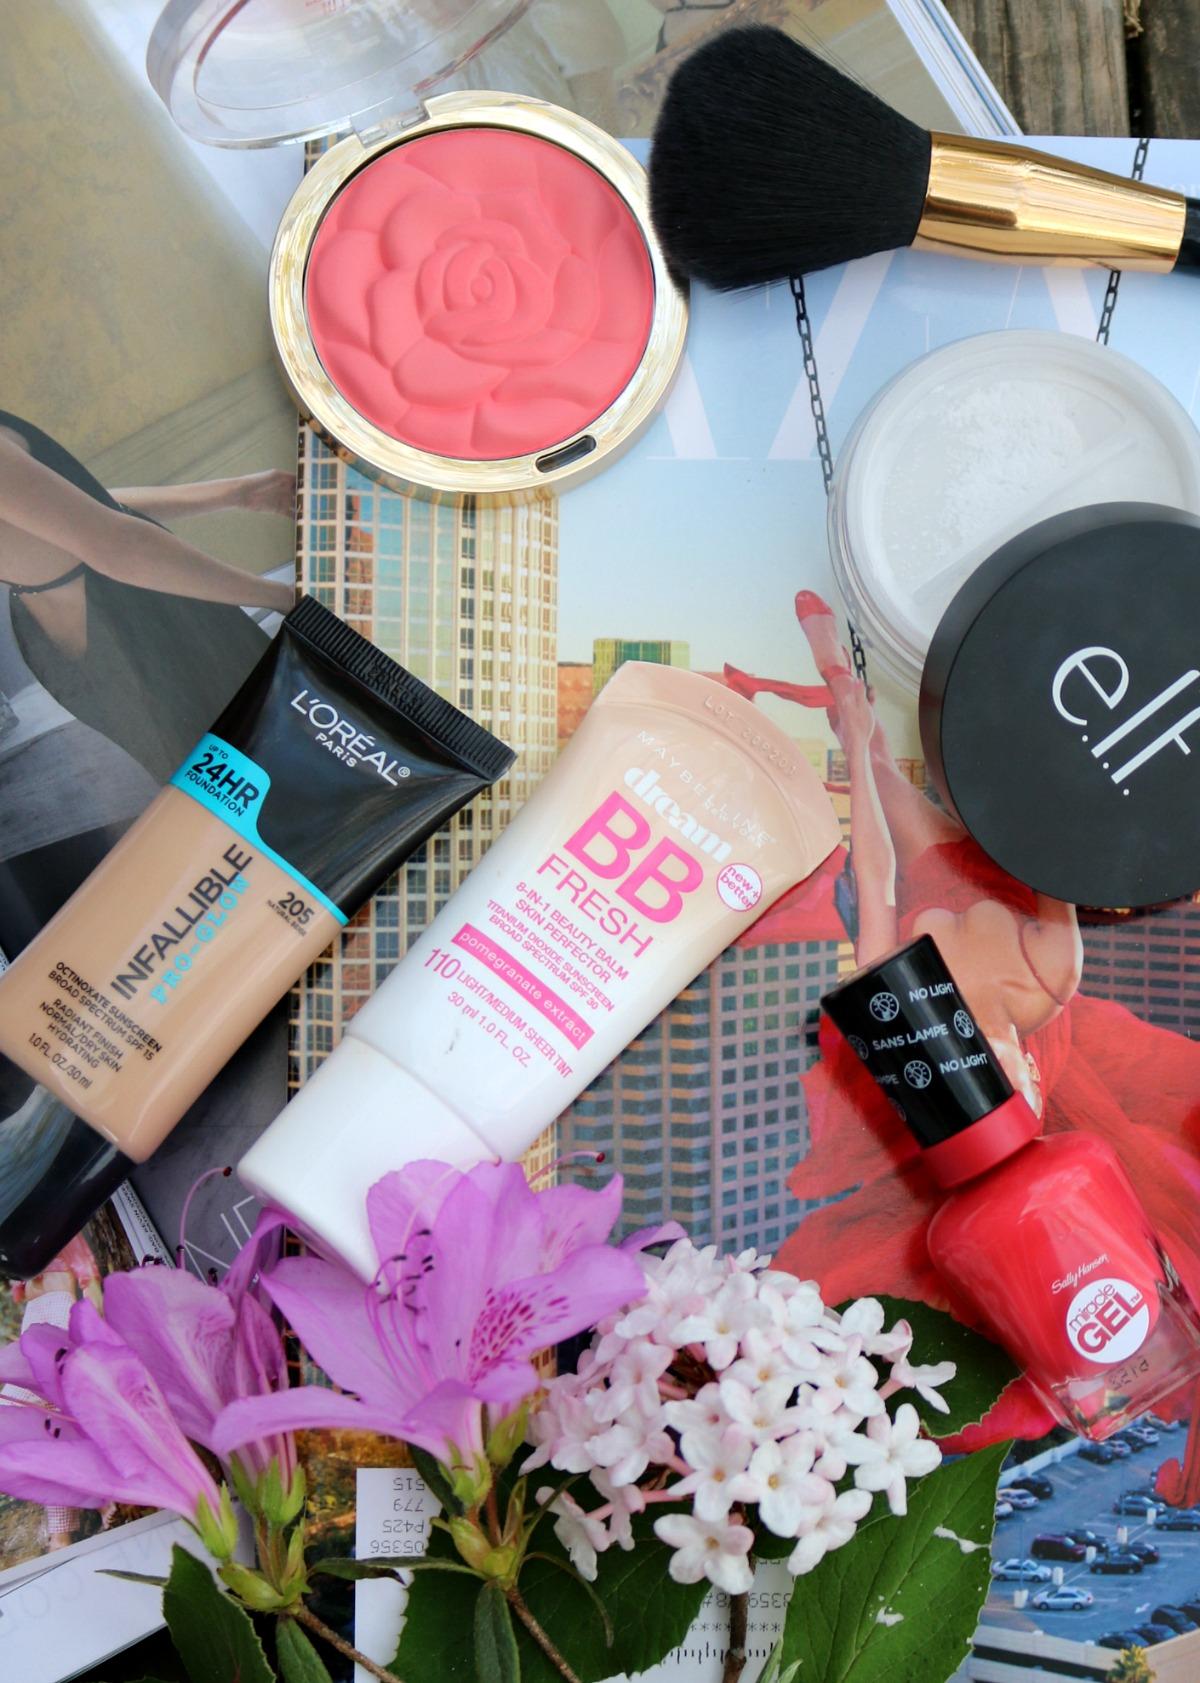 Most Popular Blog Posts of 2018 I Spring Drugstore Makeup Favorites I DreaminLace.com #SpringMakeup #Makeup